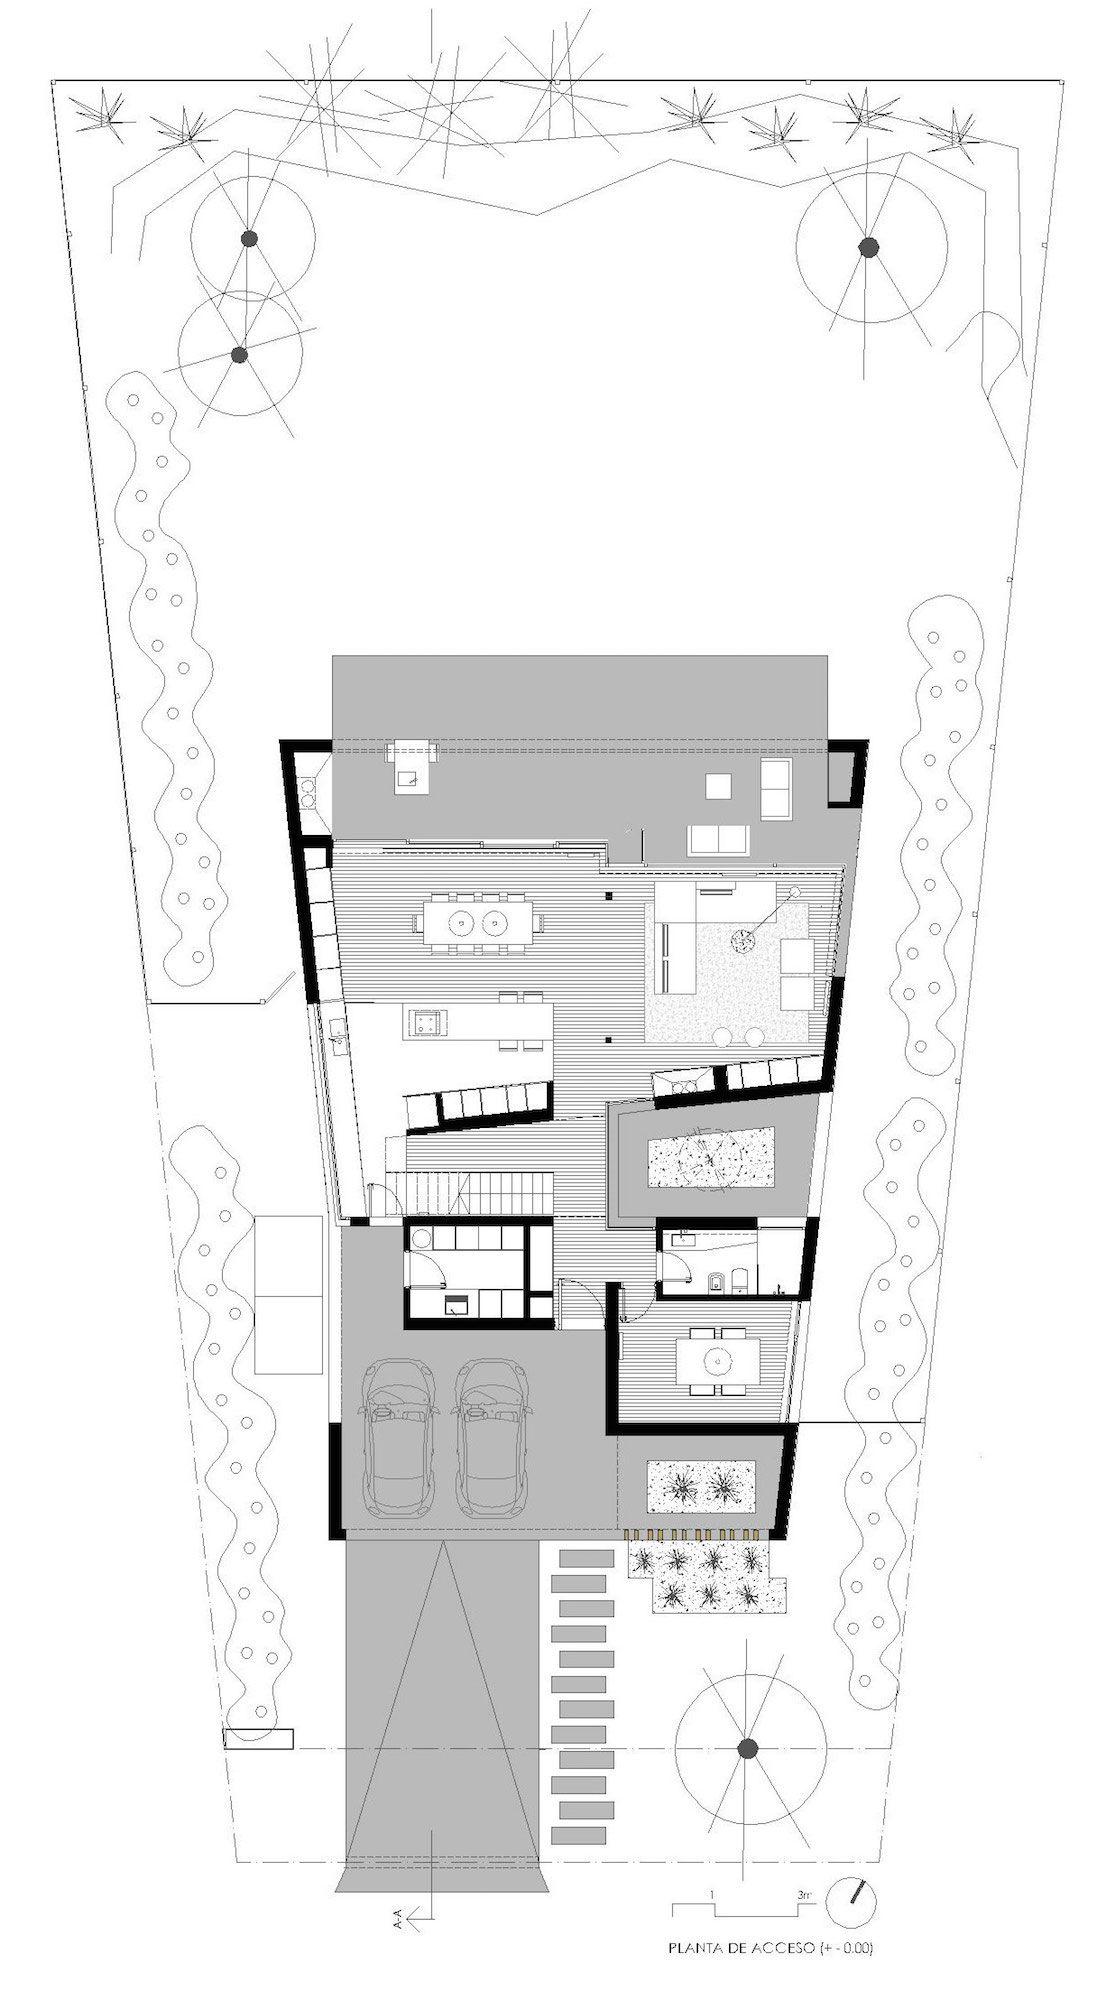 planos de casas orientacion sur